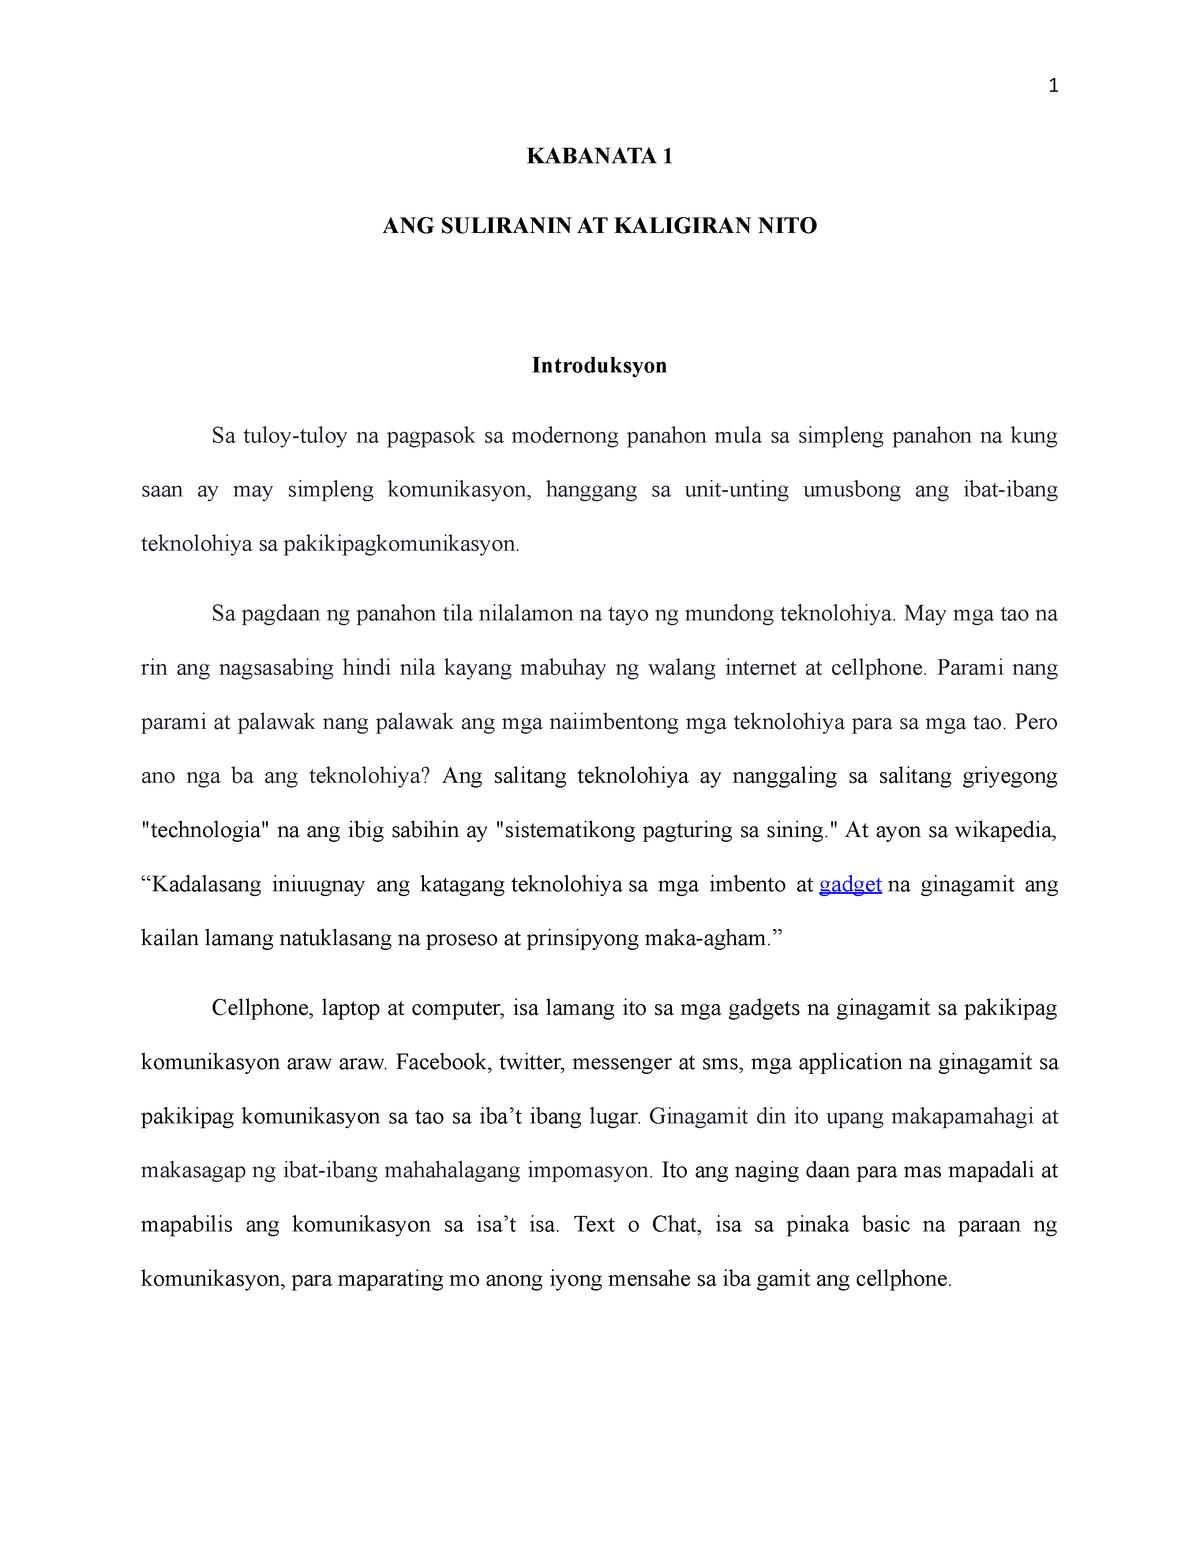 epekto ng social media sa mga estudyante thesis